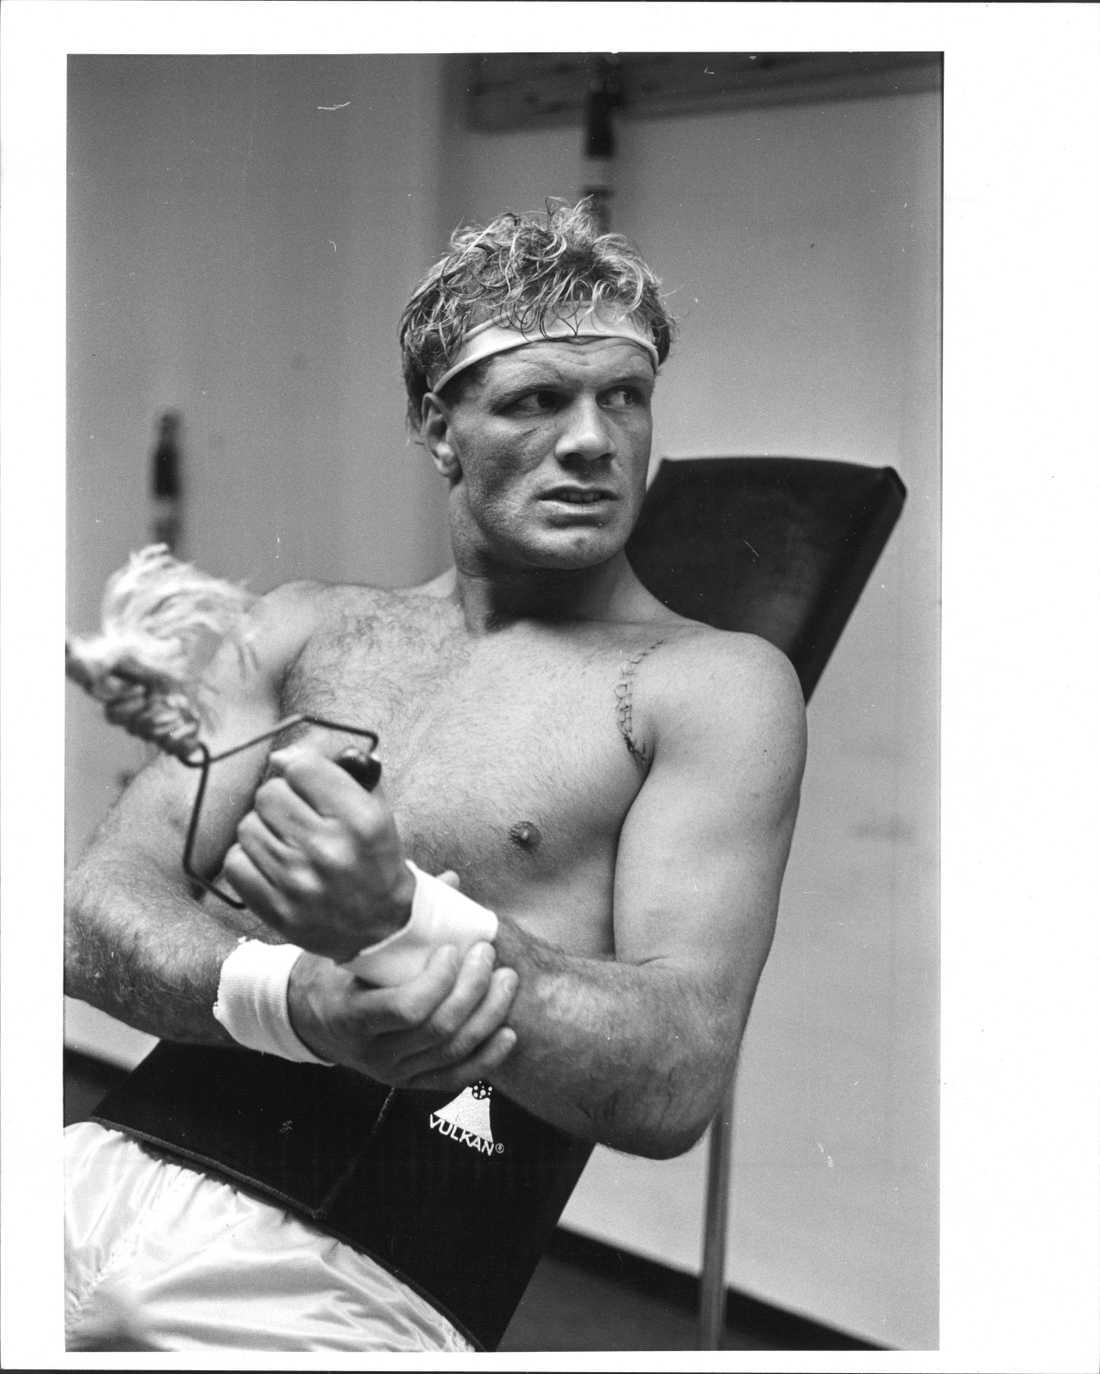 Frank Andersson tränar på gym efter en axeloperation. Odaterad bild från arkivet.